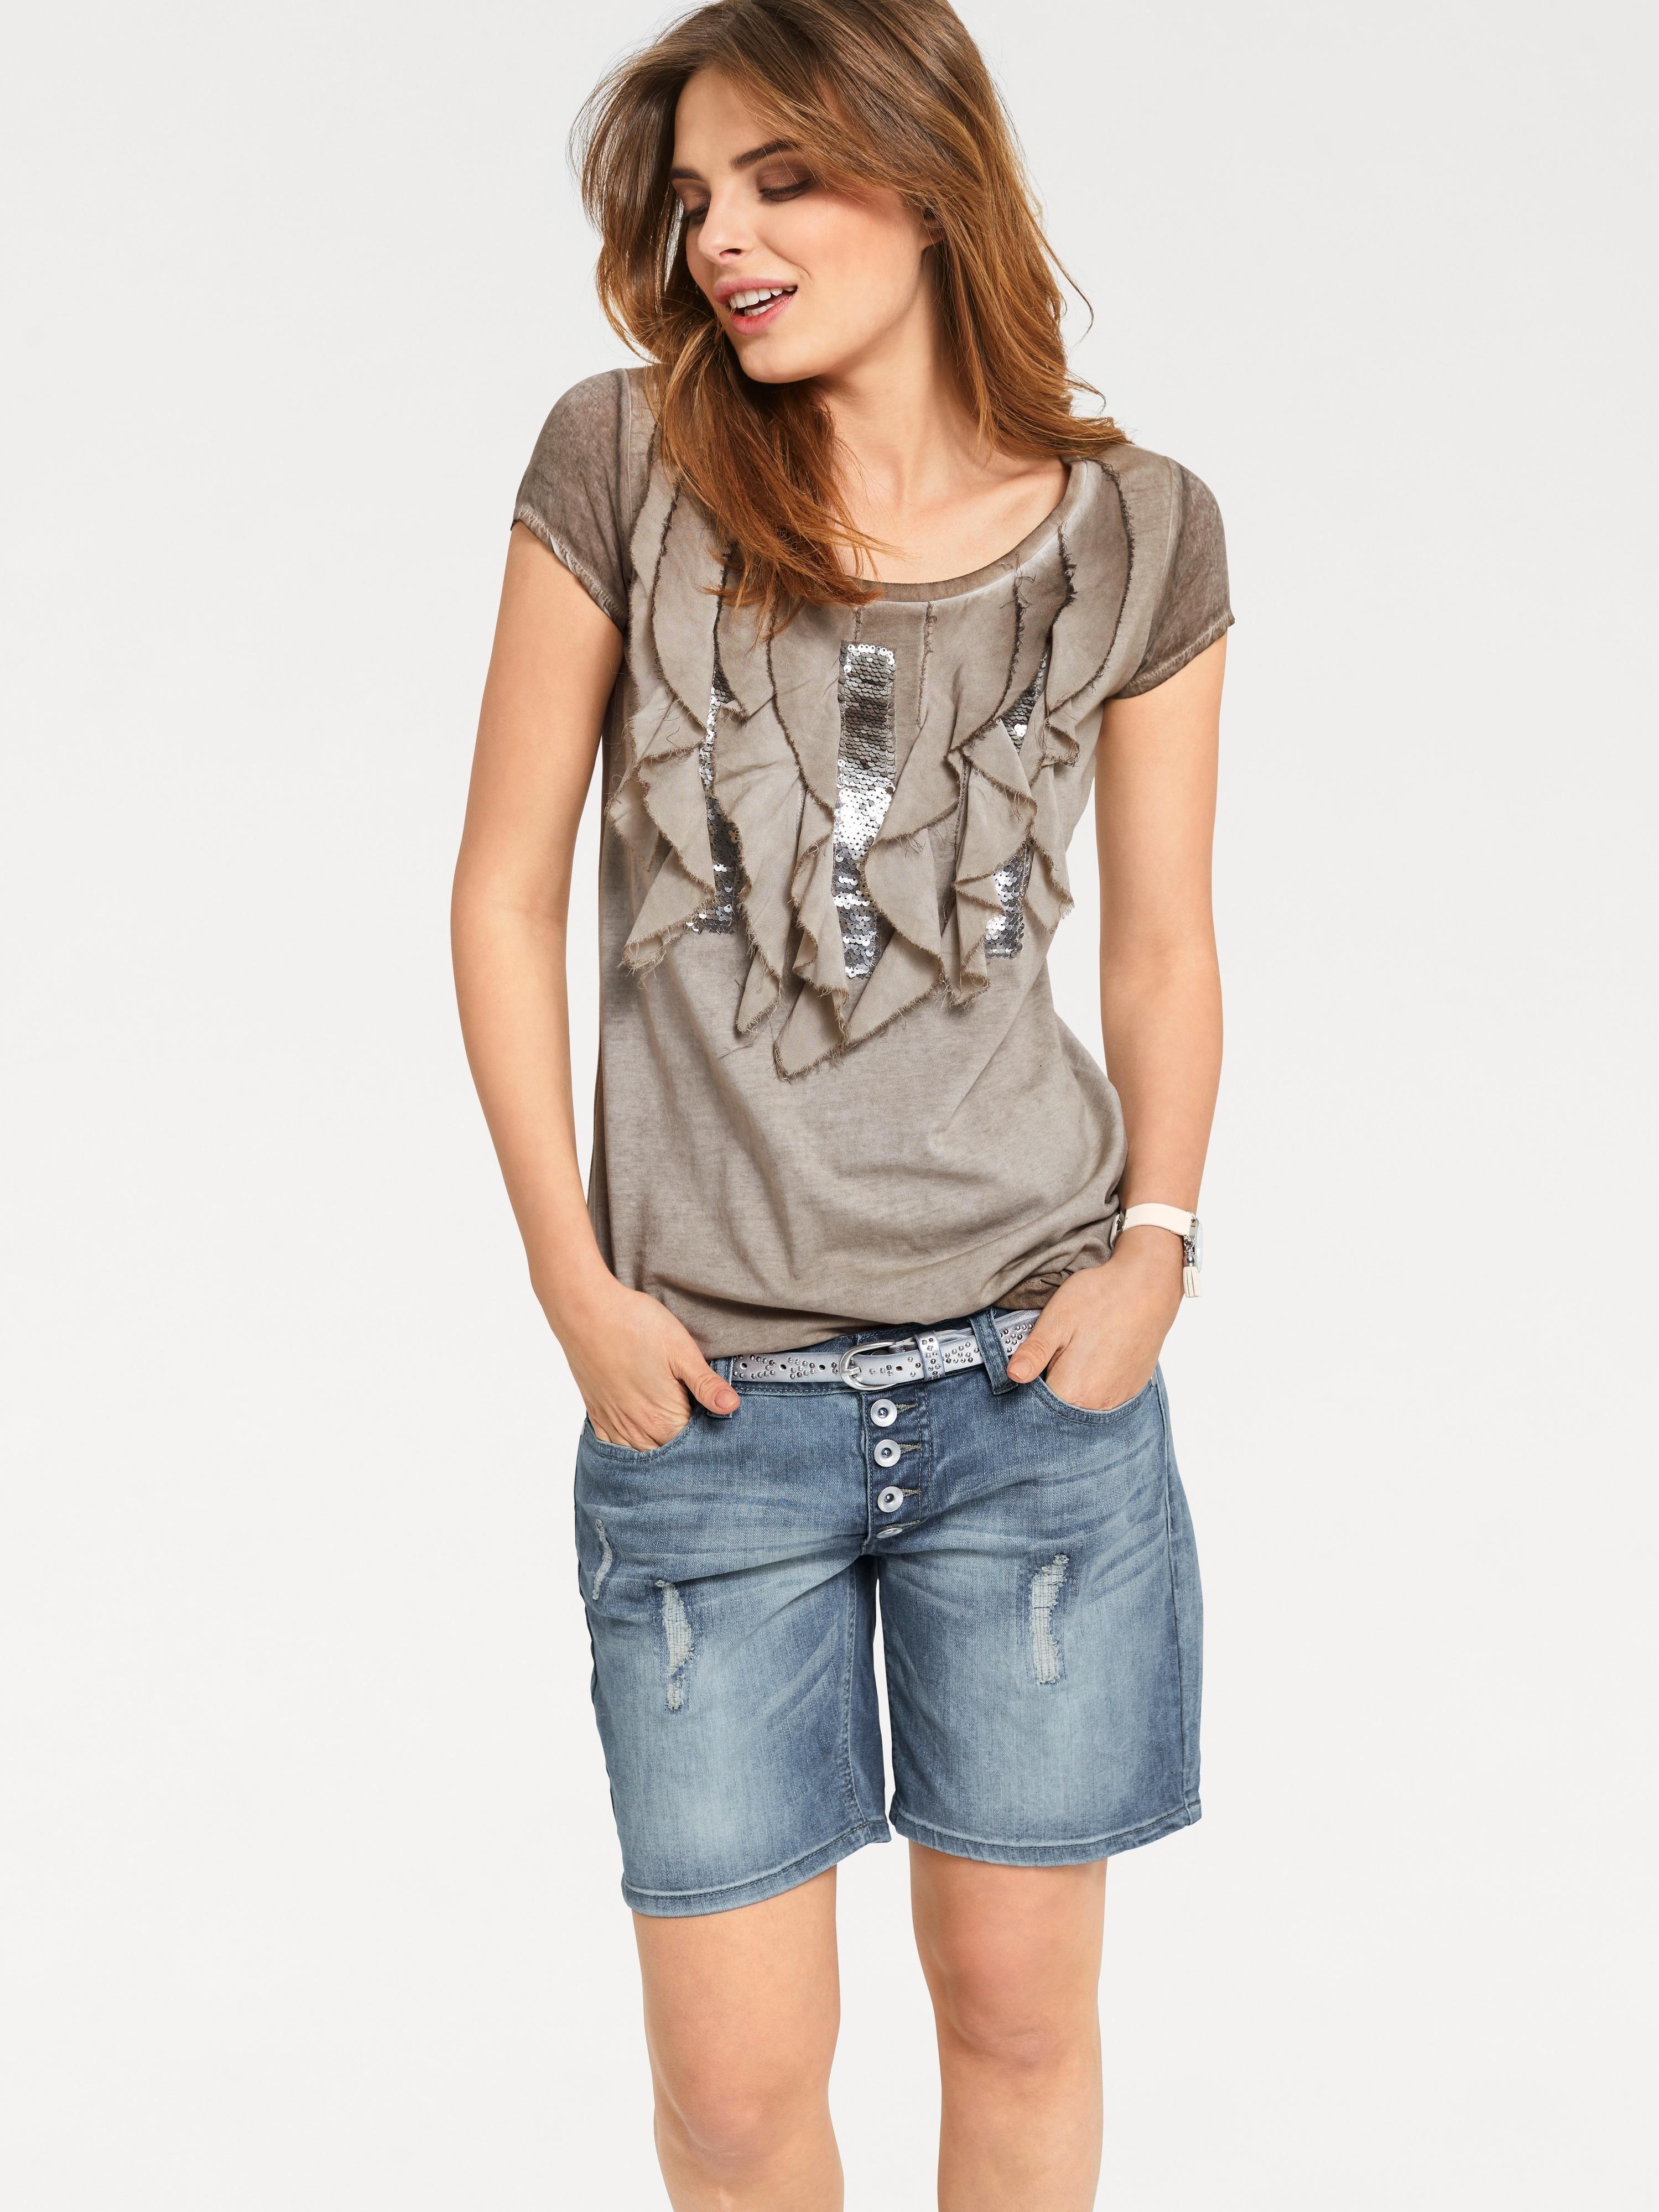 Online Shirt Snel Gekocht Snel Online Gekocht Shirt Shirt rCxBodeW